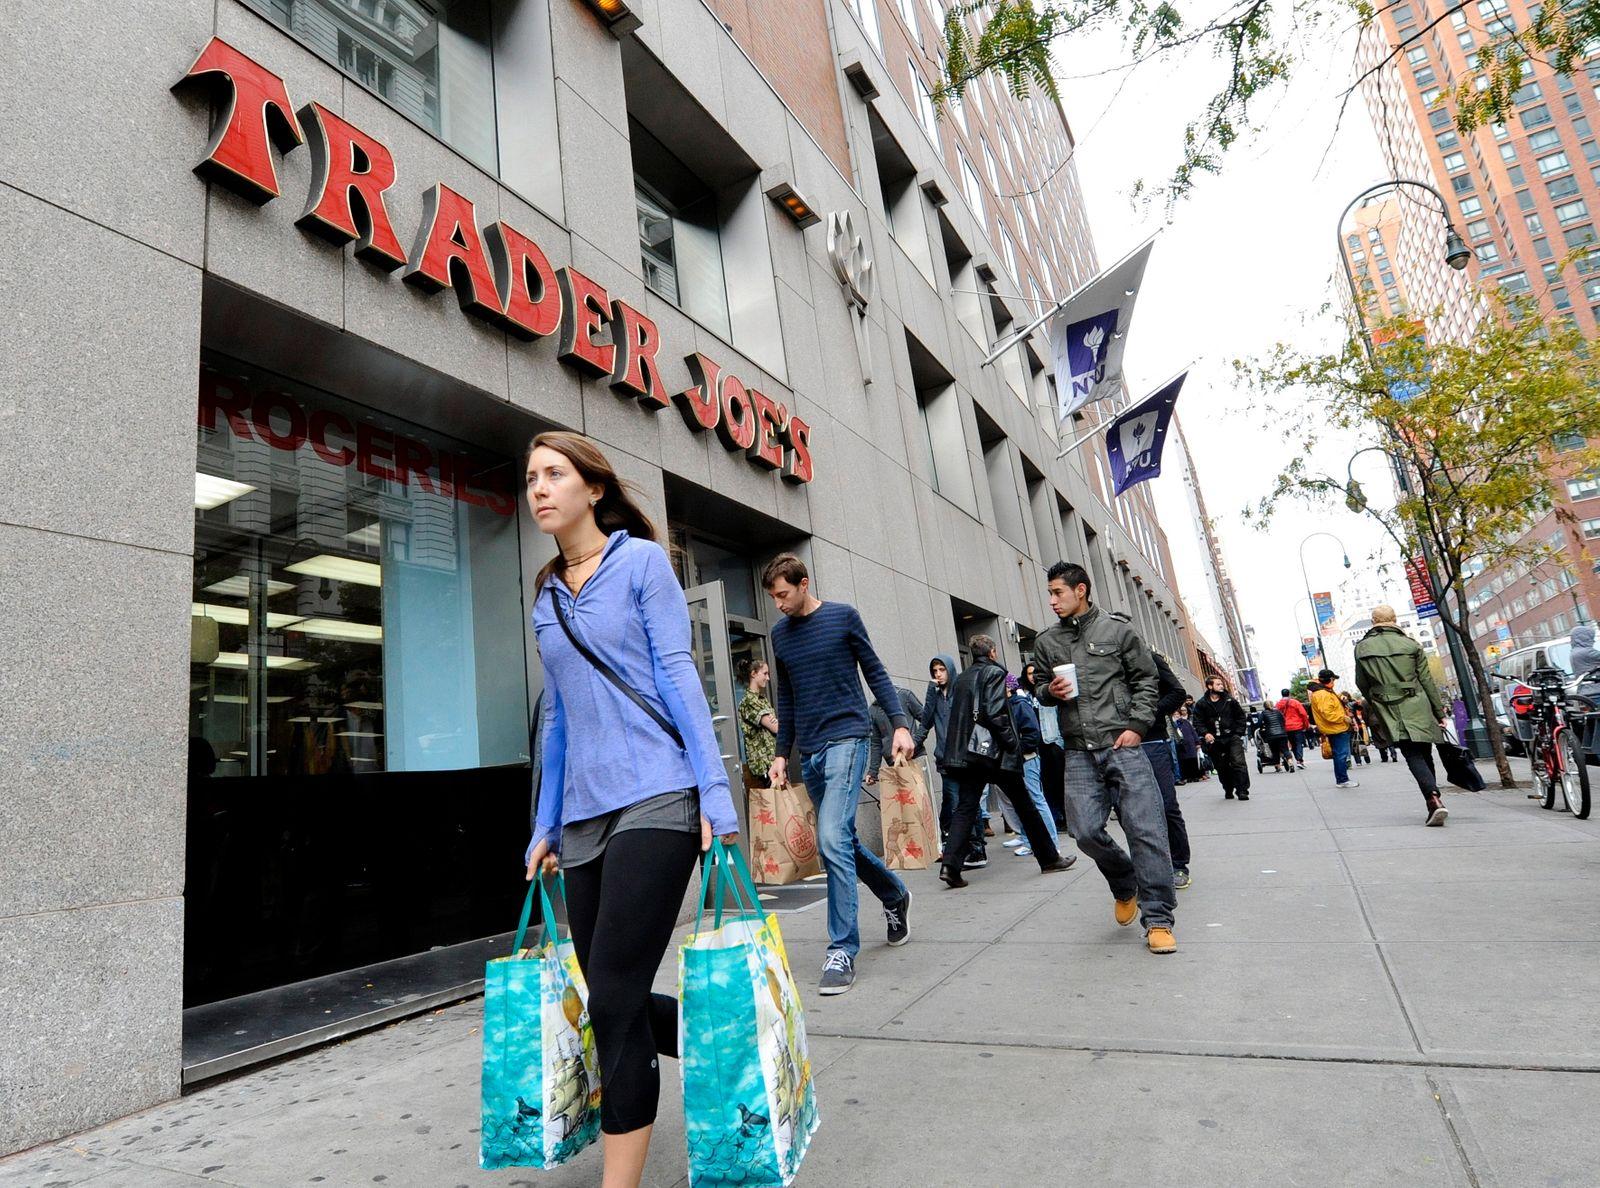 Trader Joe's / NYC, USA